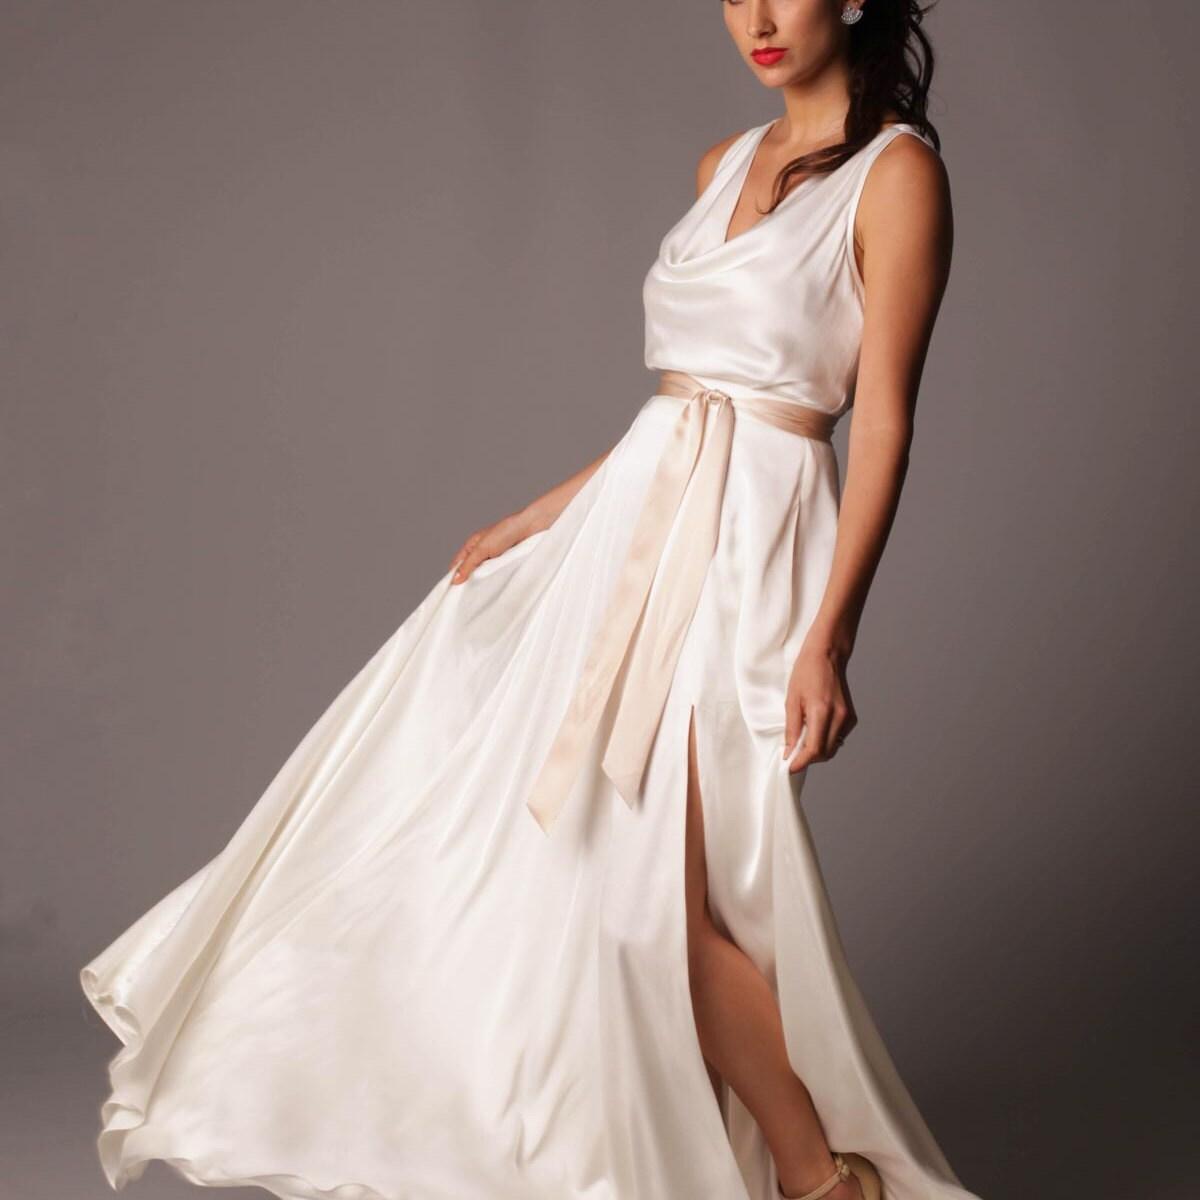 Seide Twill Brautkleid mit Schlüsselloch Mieder und schneiden